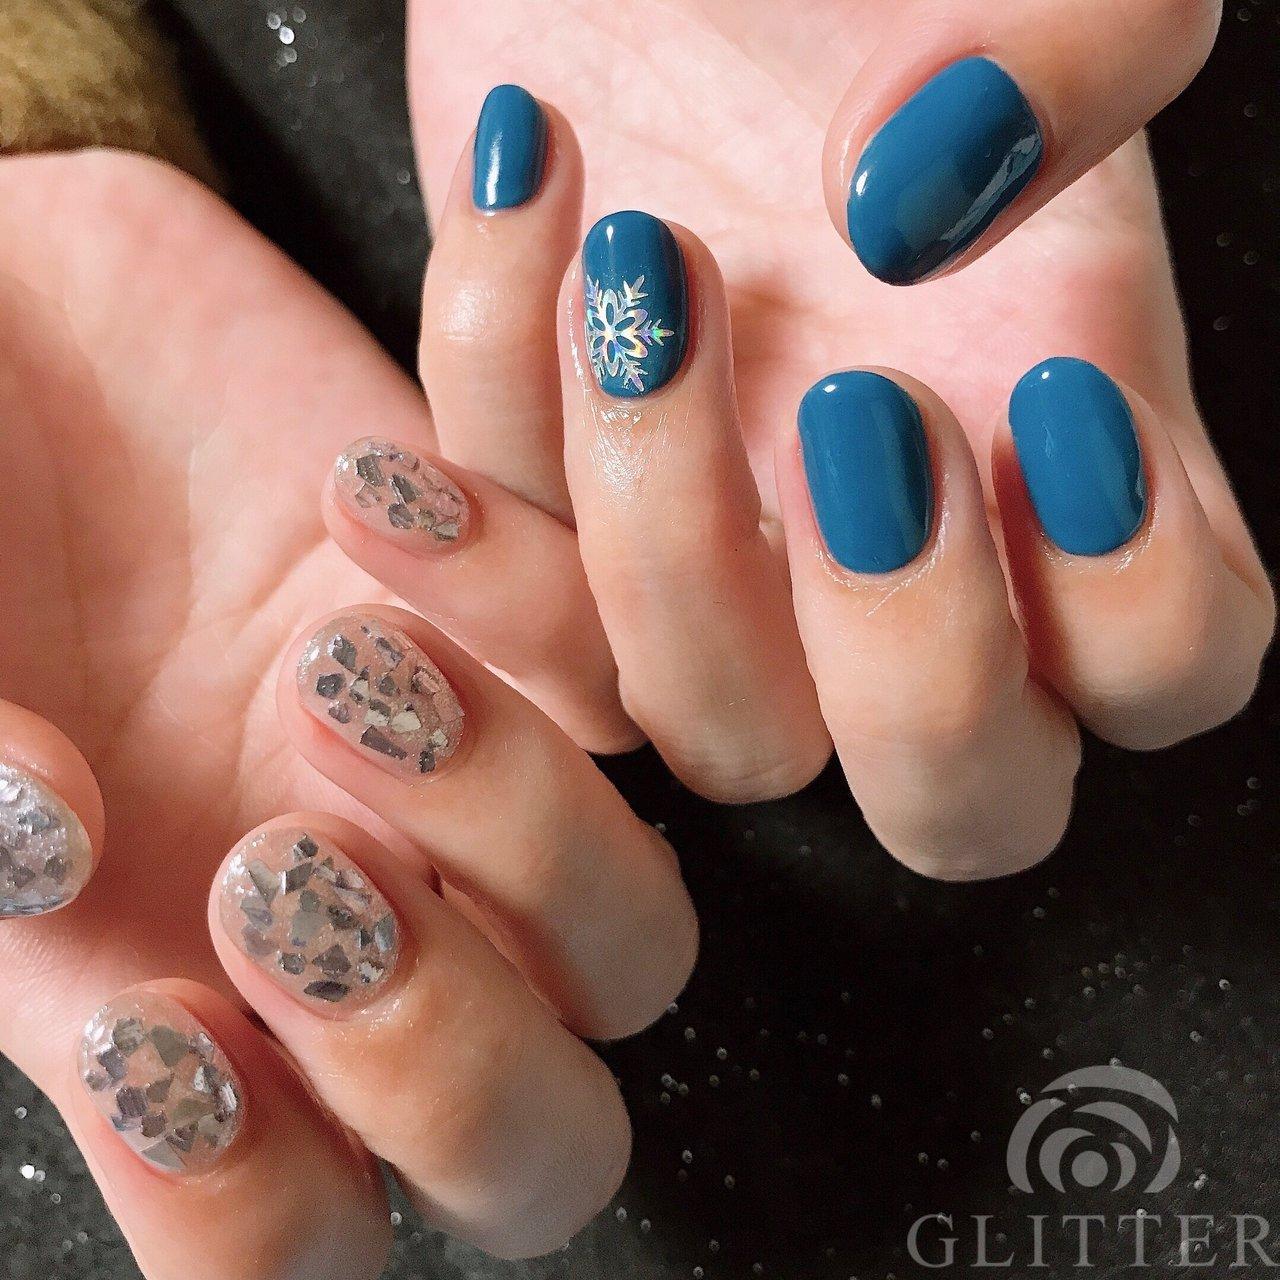 アシメネイル❤︎ポイントにオーロラスノークリスタル #nail#newnail#gelnail#nailart#Glitter#japan#hyogo#himeji#kakogawa#東加古川ネイルサロン#ネイルブック#nailbook#秋ネイル#冬ネイル#オトナ女子ネイル#美甲#ビジューネイル#スワロフスキー#クリスタル#オーロラ#キラキラネイル#ベラフォーマ#parajel#biojel#2019ネイル#Snow Crystal#アシンメトリーネイル ⬇︎LINEからお得情報配信しますのでお友達登録お願いします💕ご予約やご質問などもこちらからok✨ Line@➡︎ID【uml9218w】 ⬇︎ネイルブックからご予約の空き状況をご確認頂けます♡ (*ˊૢᵕˋૢ*)  ♡ネイルブック https://nailbook.jp/salon/17160  ♡Instagram http://instagram.com/glitter_yuka  ♡アメブロ http://ameblo.jp/glitter-8321/ ♡Twitter https://twitter.com/yk_glitter  ♡facebook https://m.facebook.com/glitter.nail.yk #冬 #クリスマス #パーティー #ハンド #シンプル #ワンカラー #雪の結晶 #ショート #ブルー #ネイビー #シルバー #ジェル #お客様 #Yukapon #ネイルブック